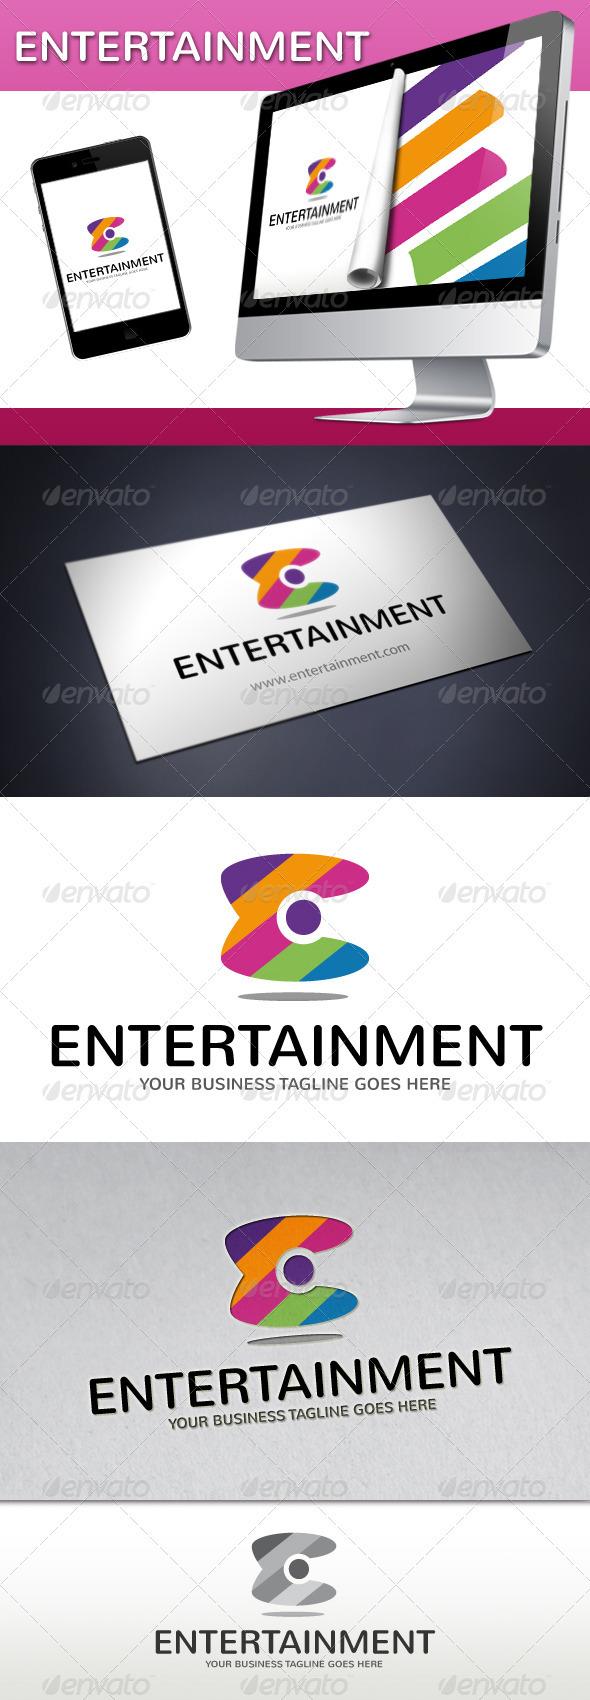 Entertainment Logo - Vector Abstract